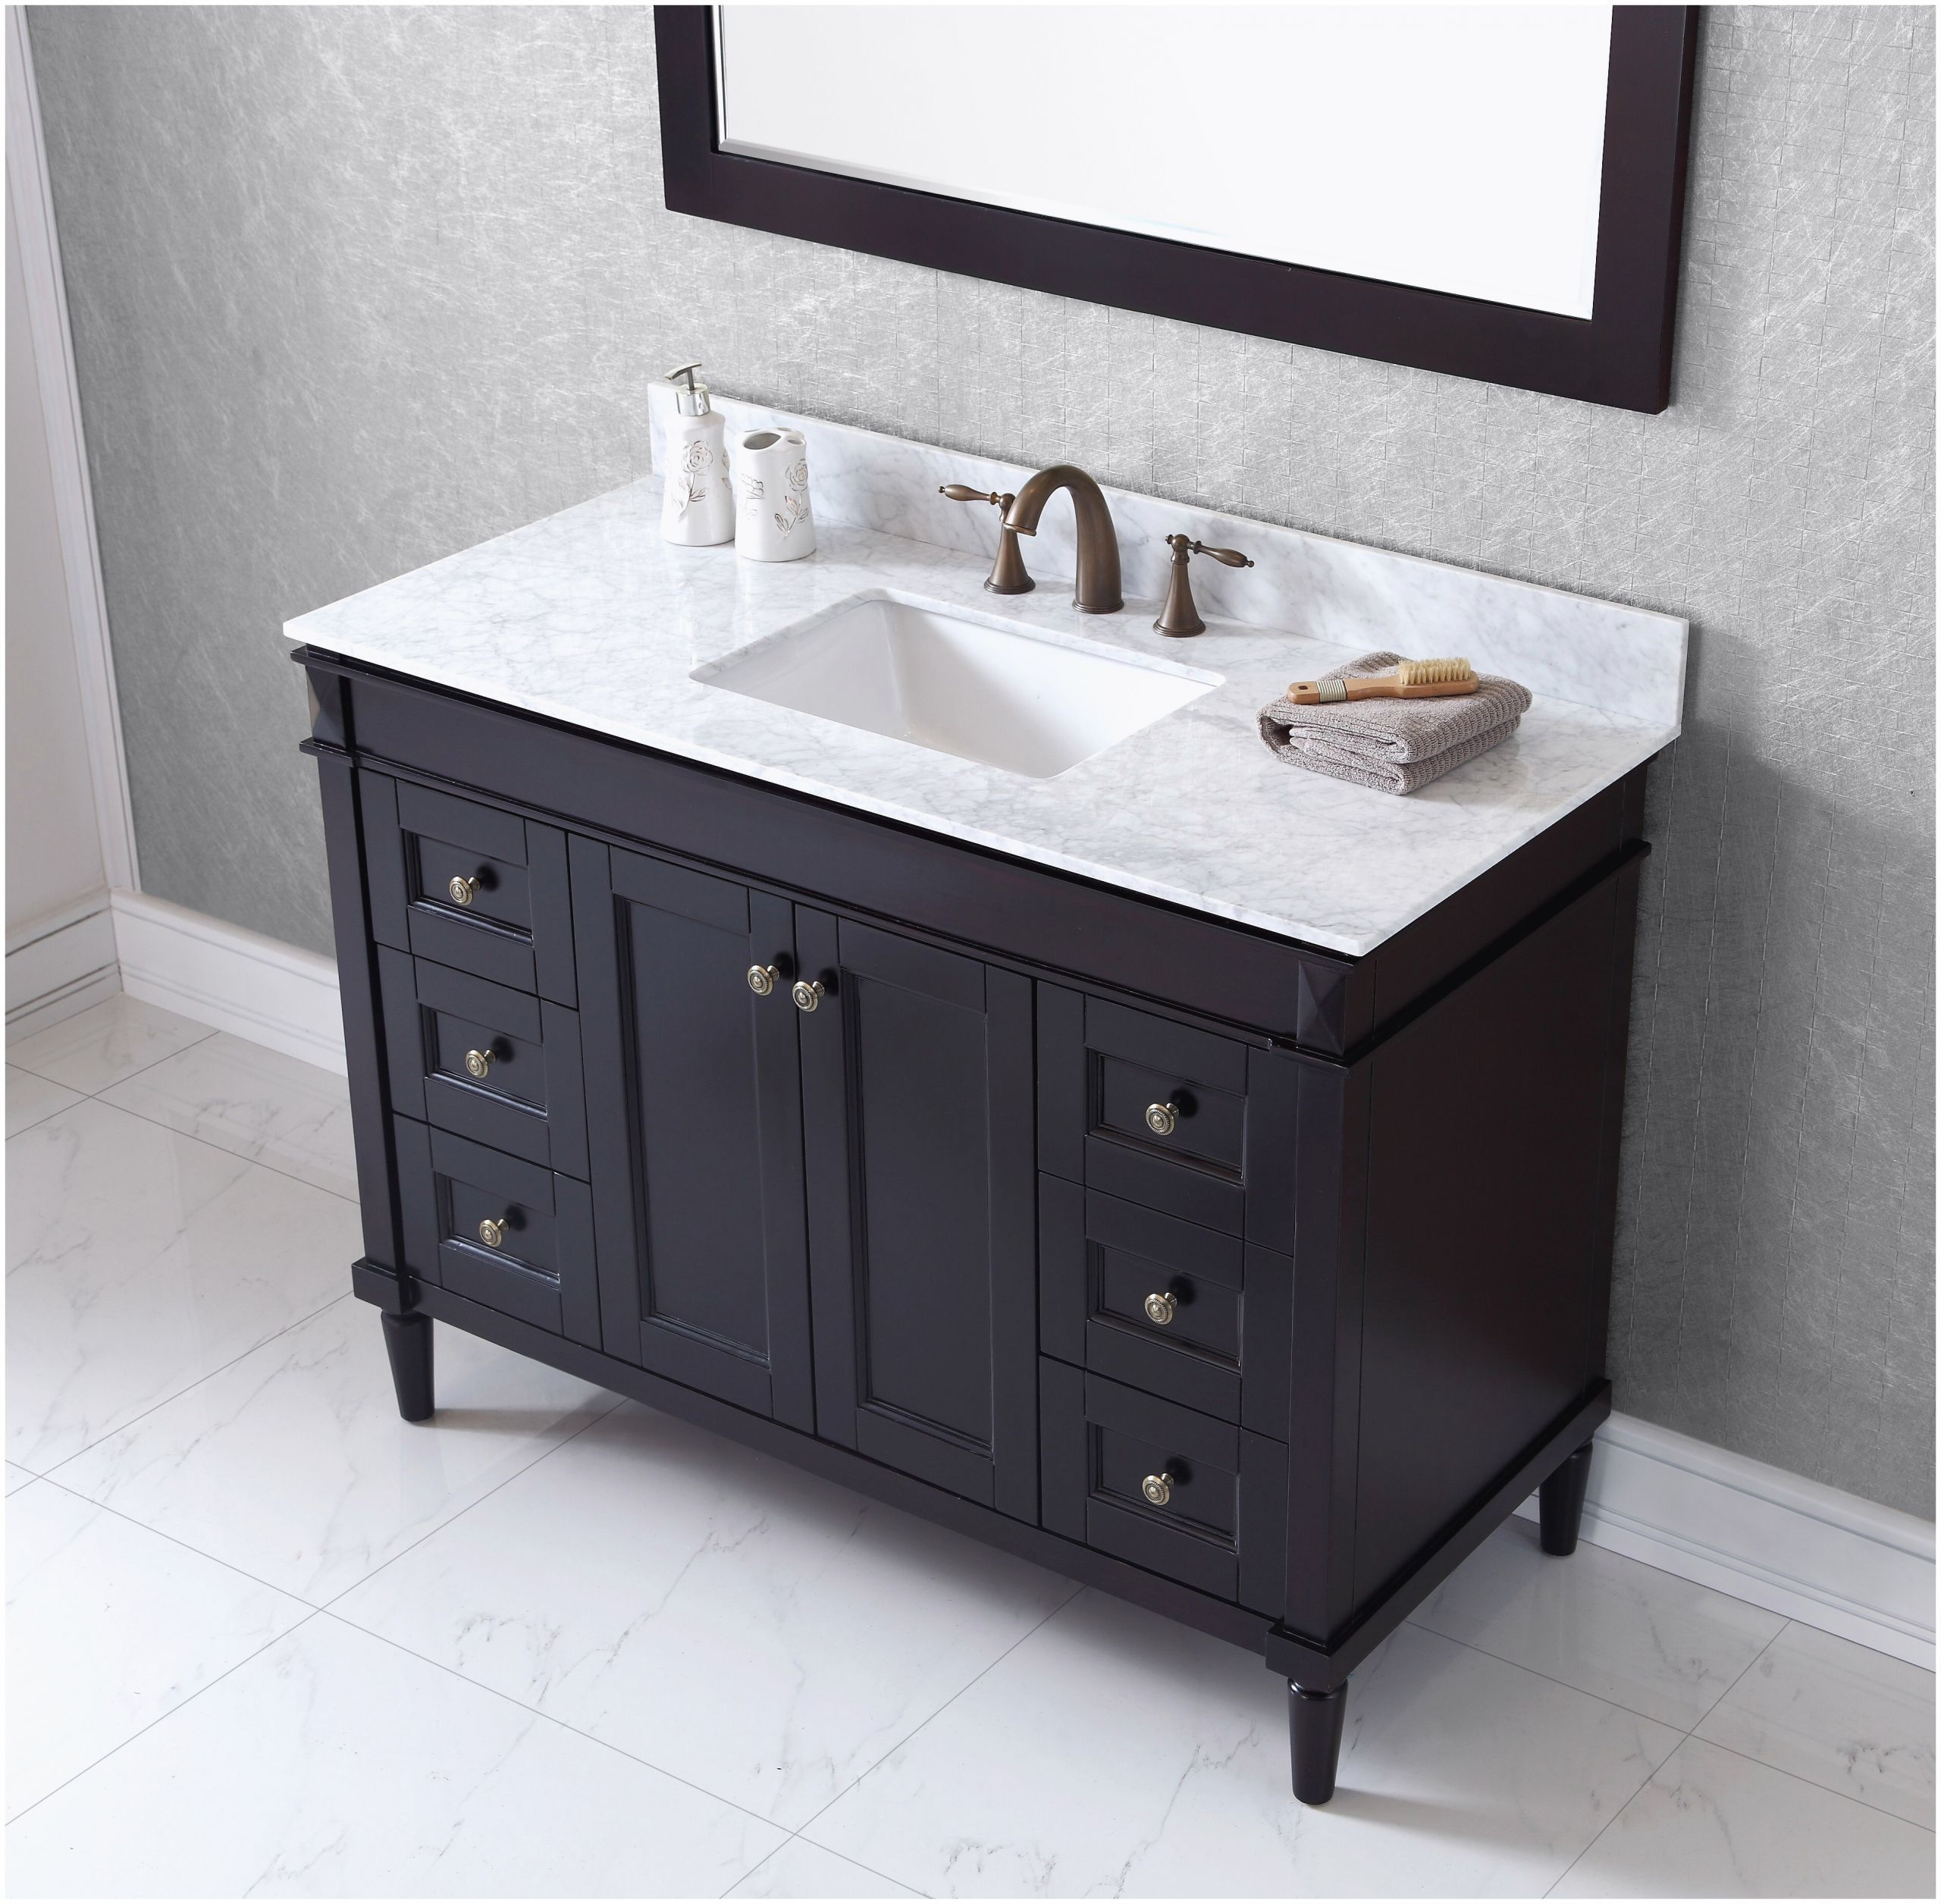 Bathroom Vanities Tops Lowes In 2020 Bathroom Vanity 48 Inch